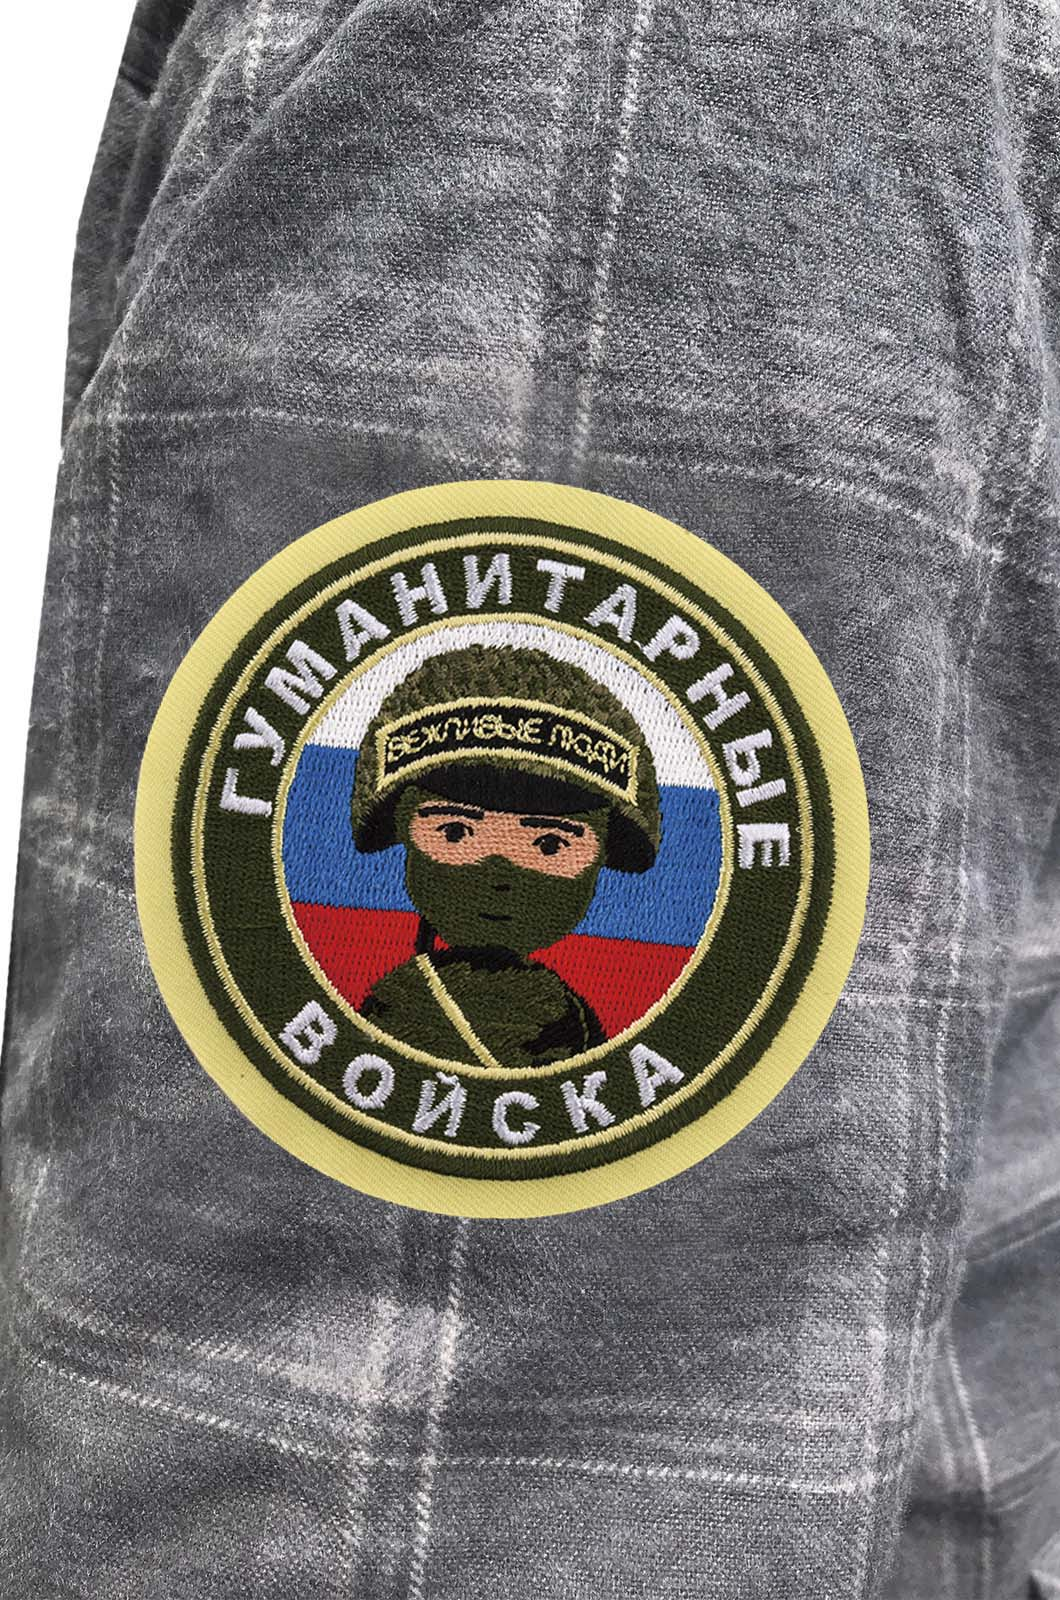 Рубашка в клетку с шевроном Гуманитарных войск купить в подарок